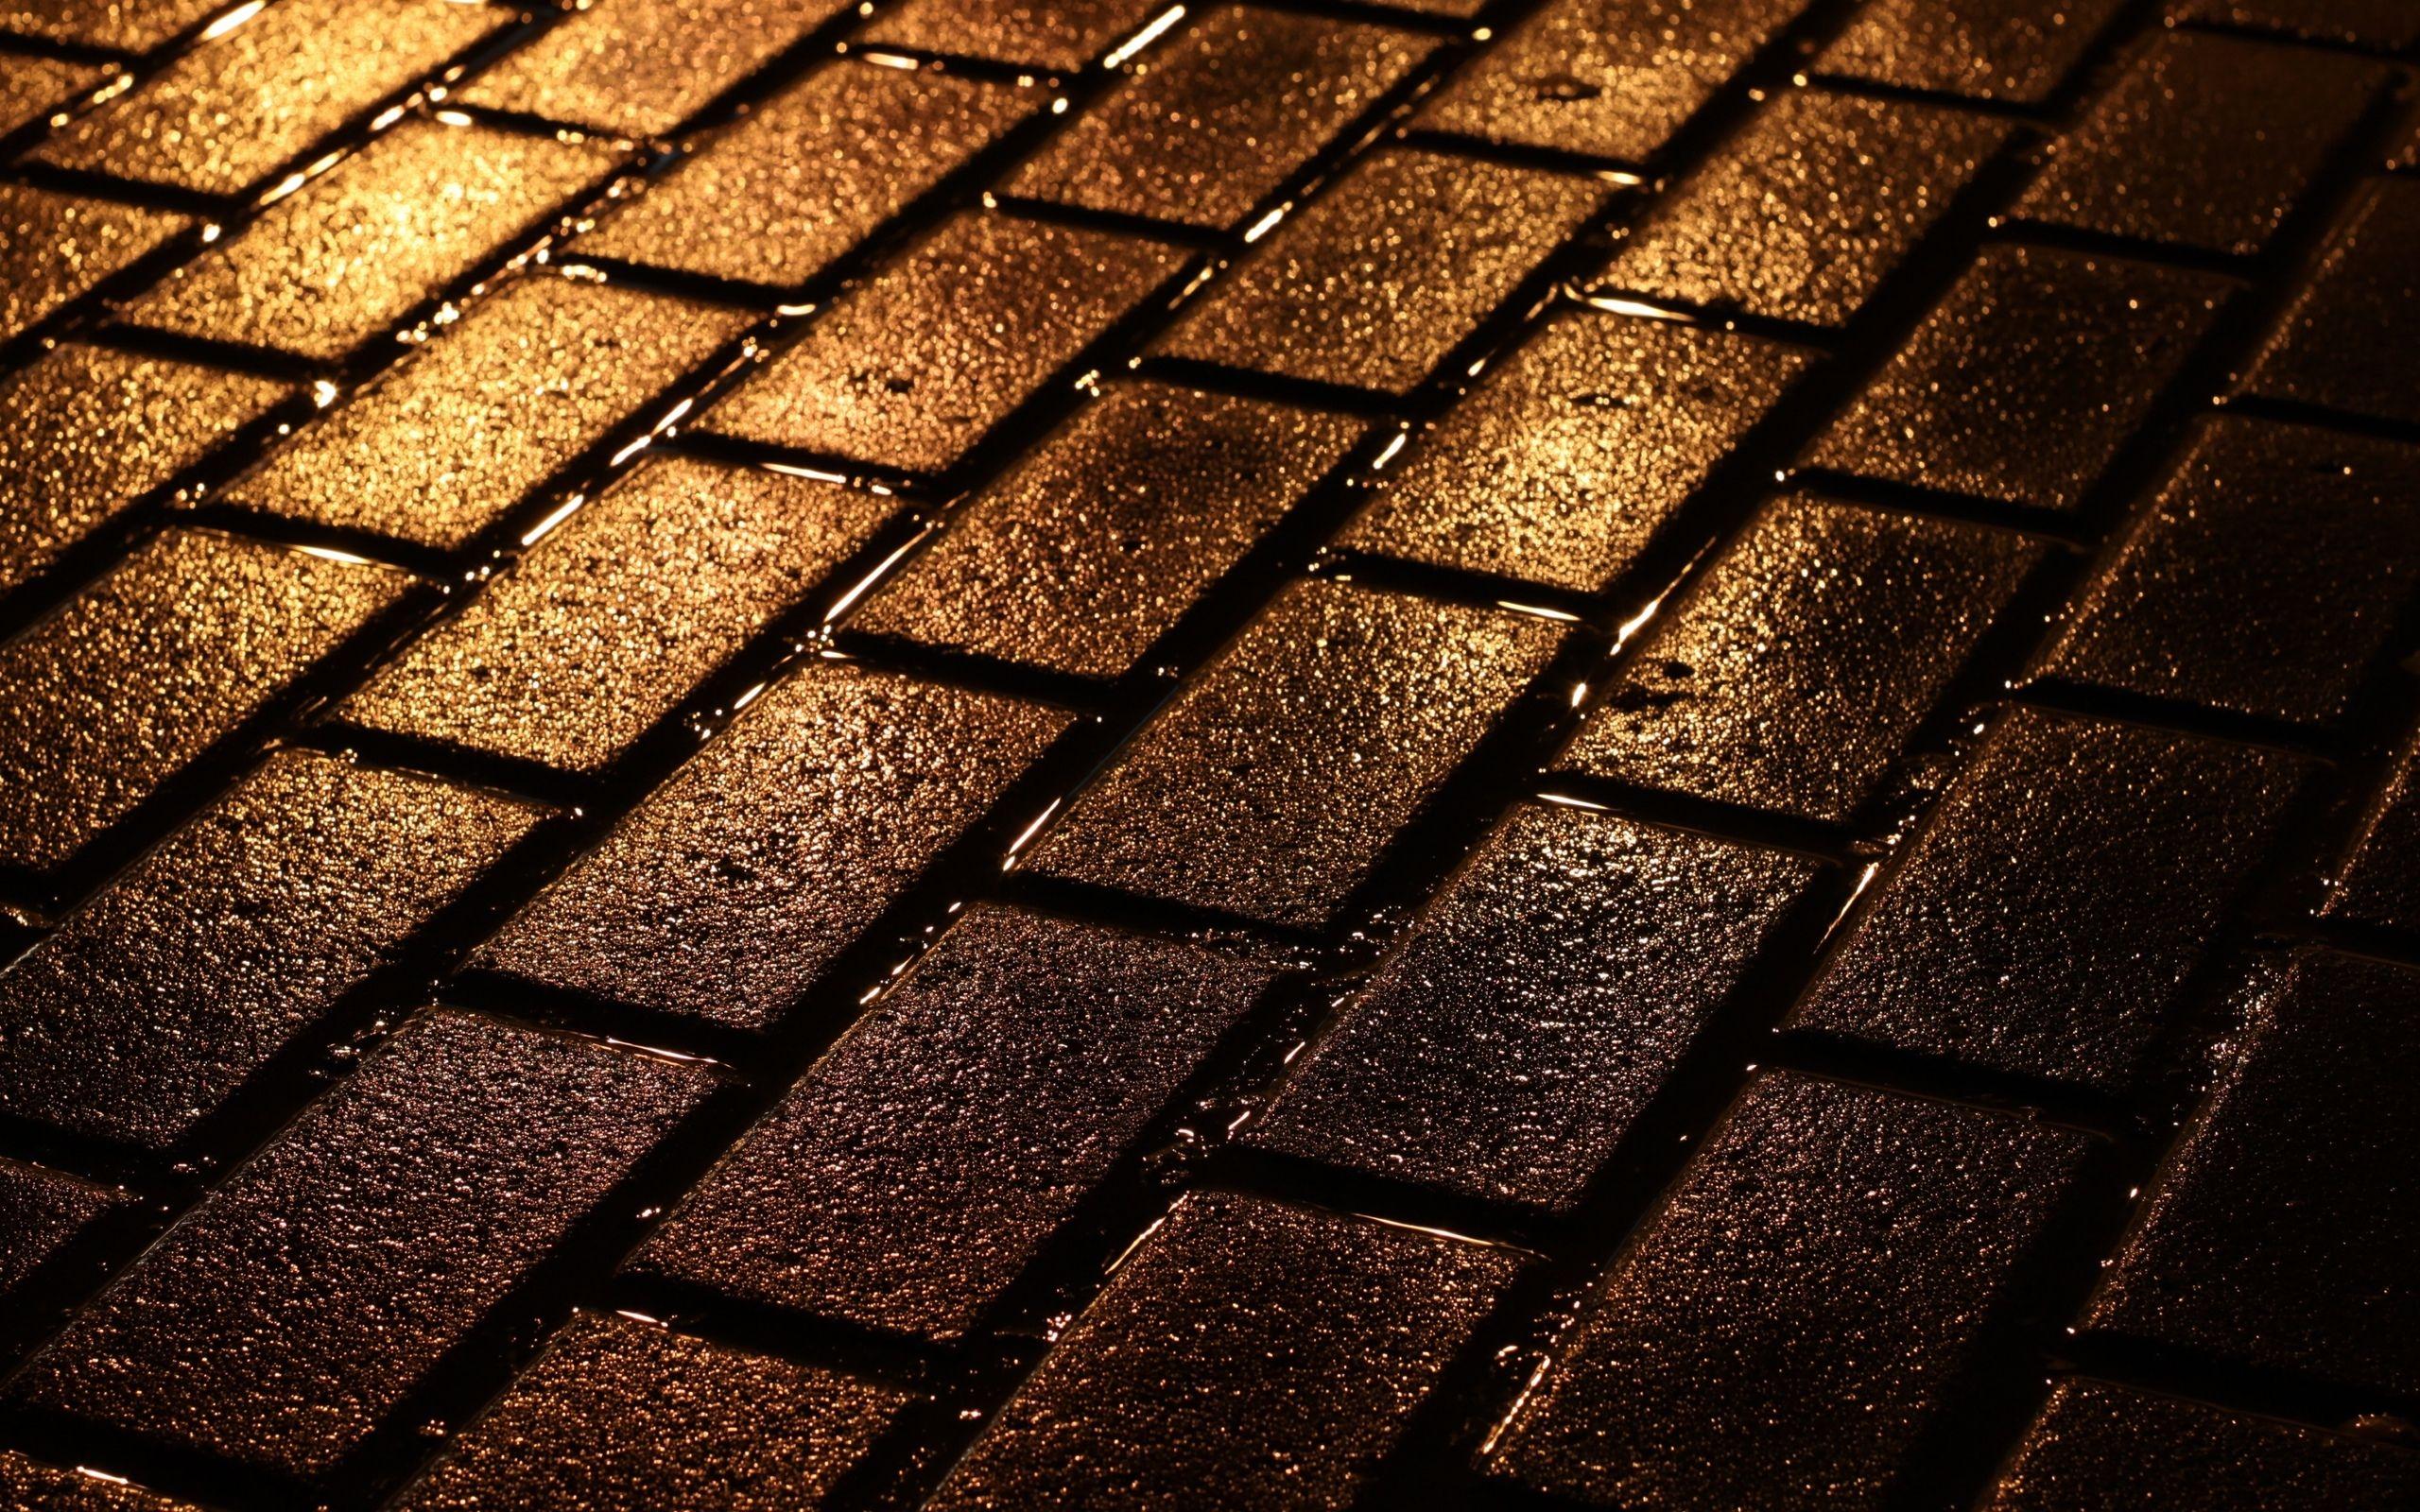 brick background image